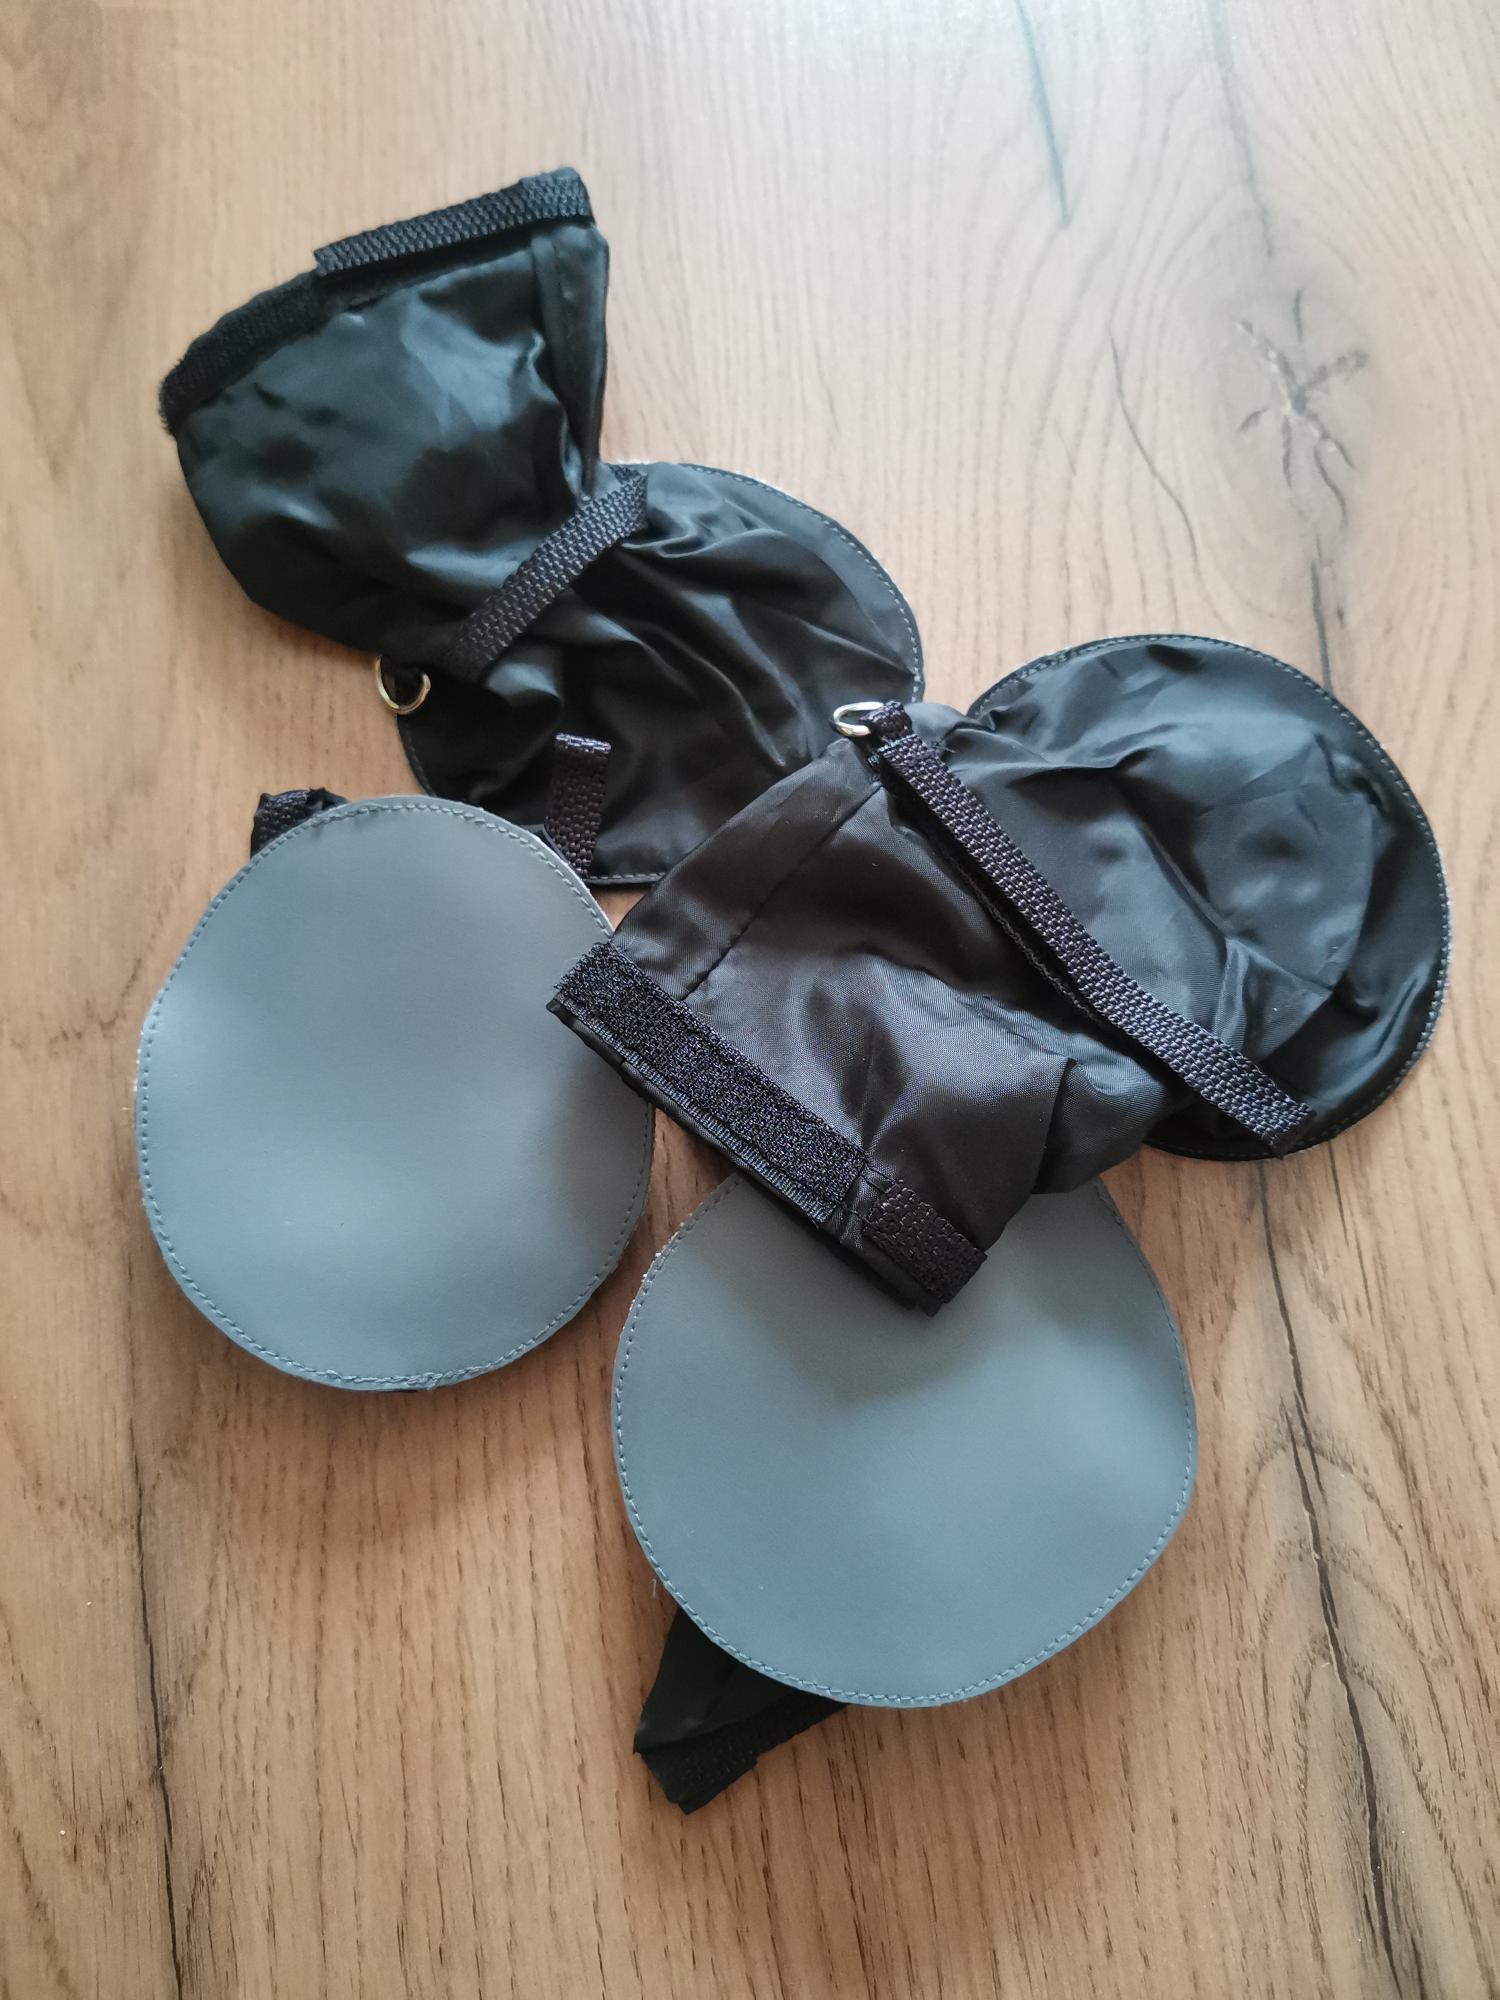 Обувь для собак размер 4 в Москве 89261426284 купить 1